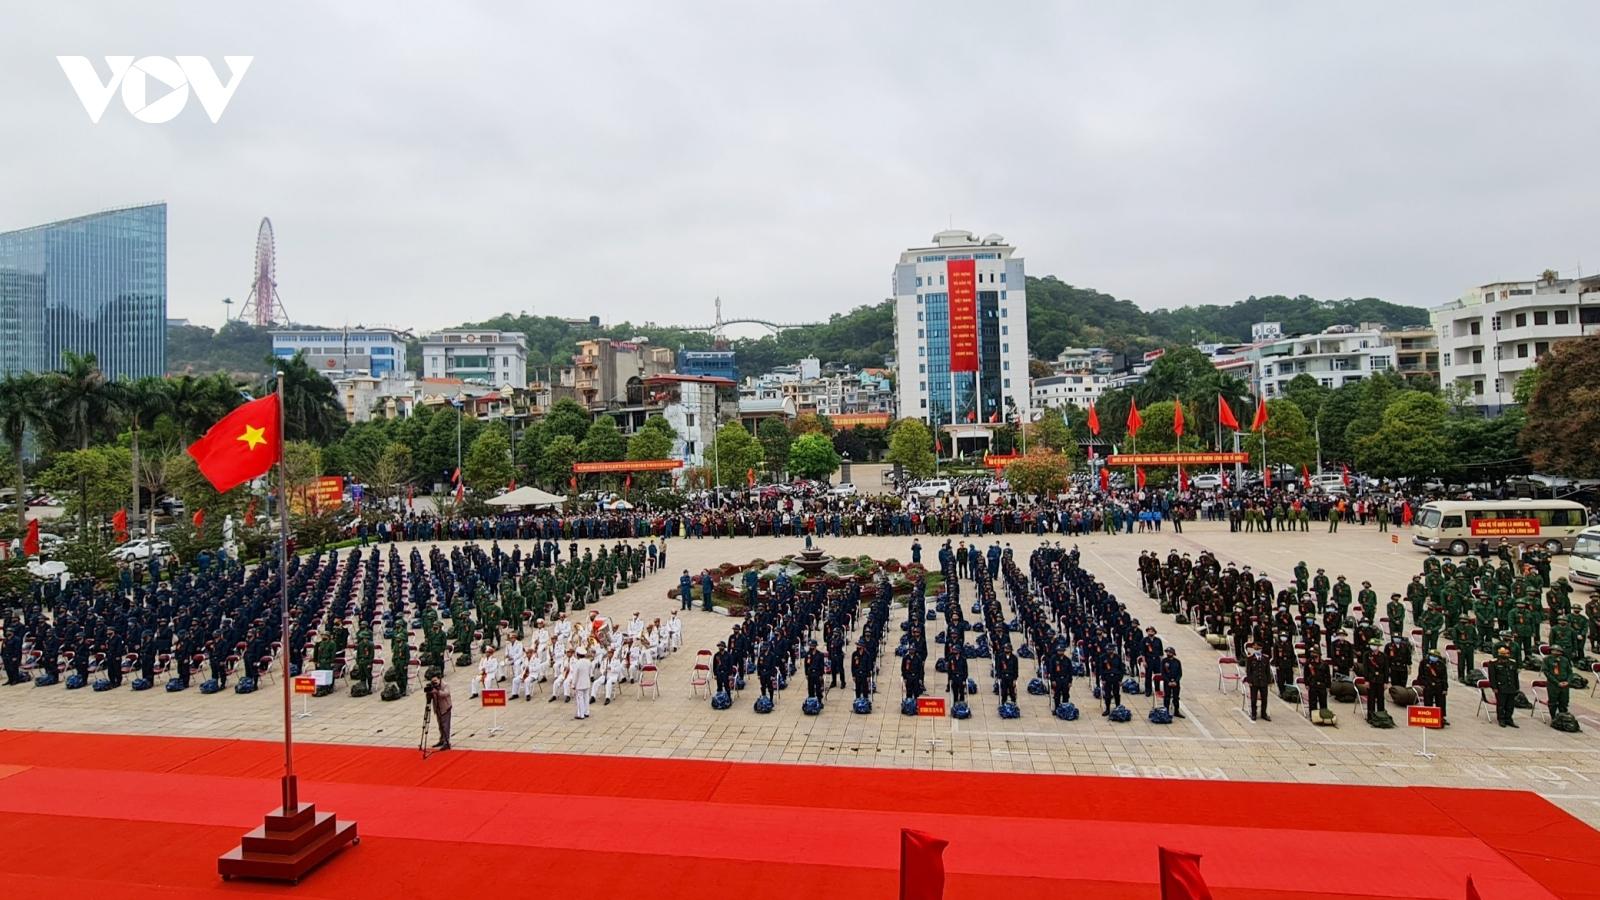 Nô nức ngày hội tòng quân tại Hải Phòng, Quảng Ninh